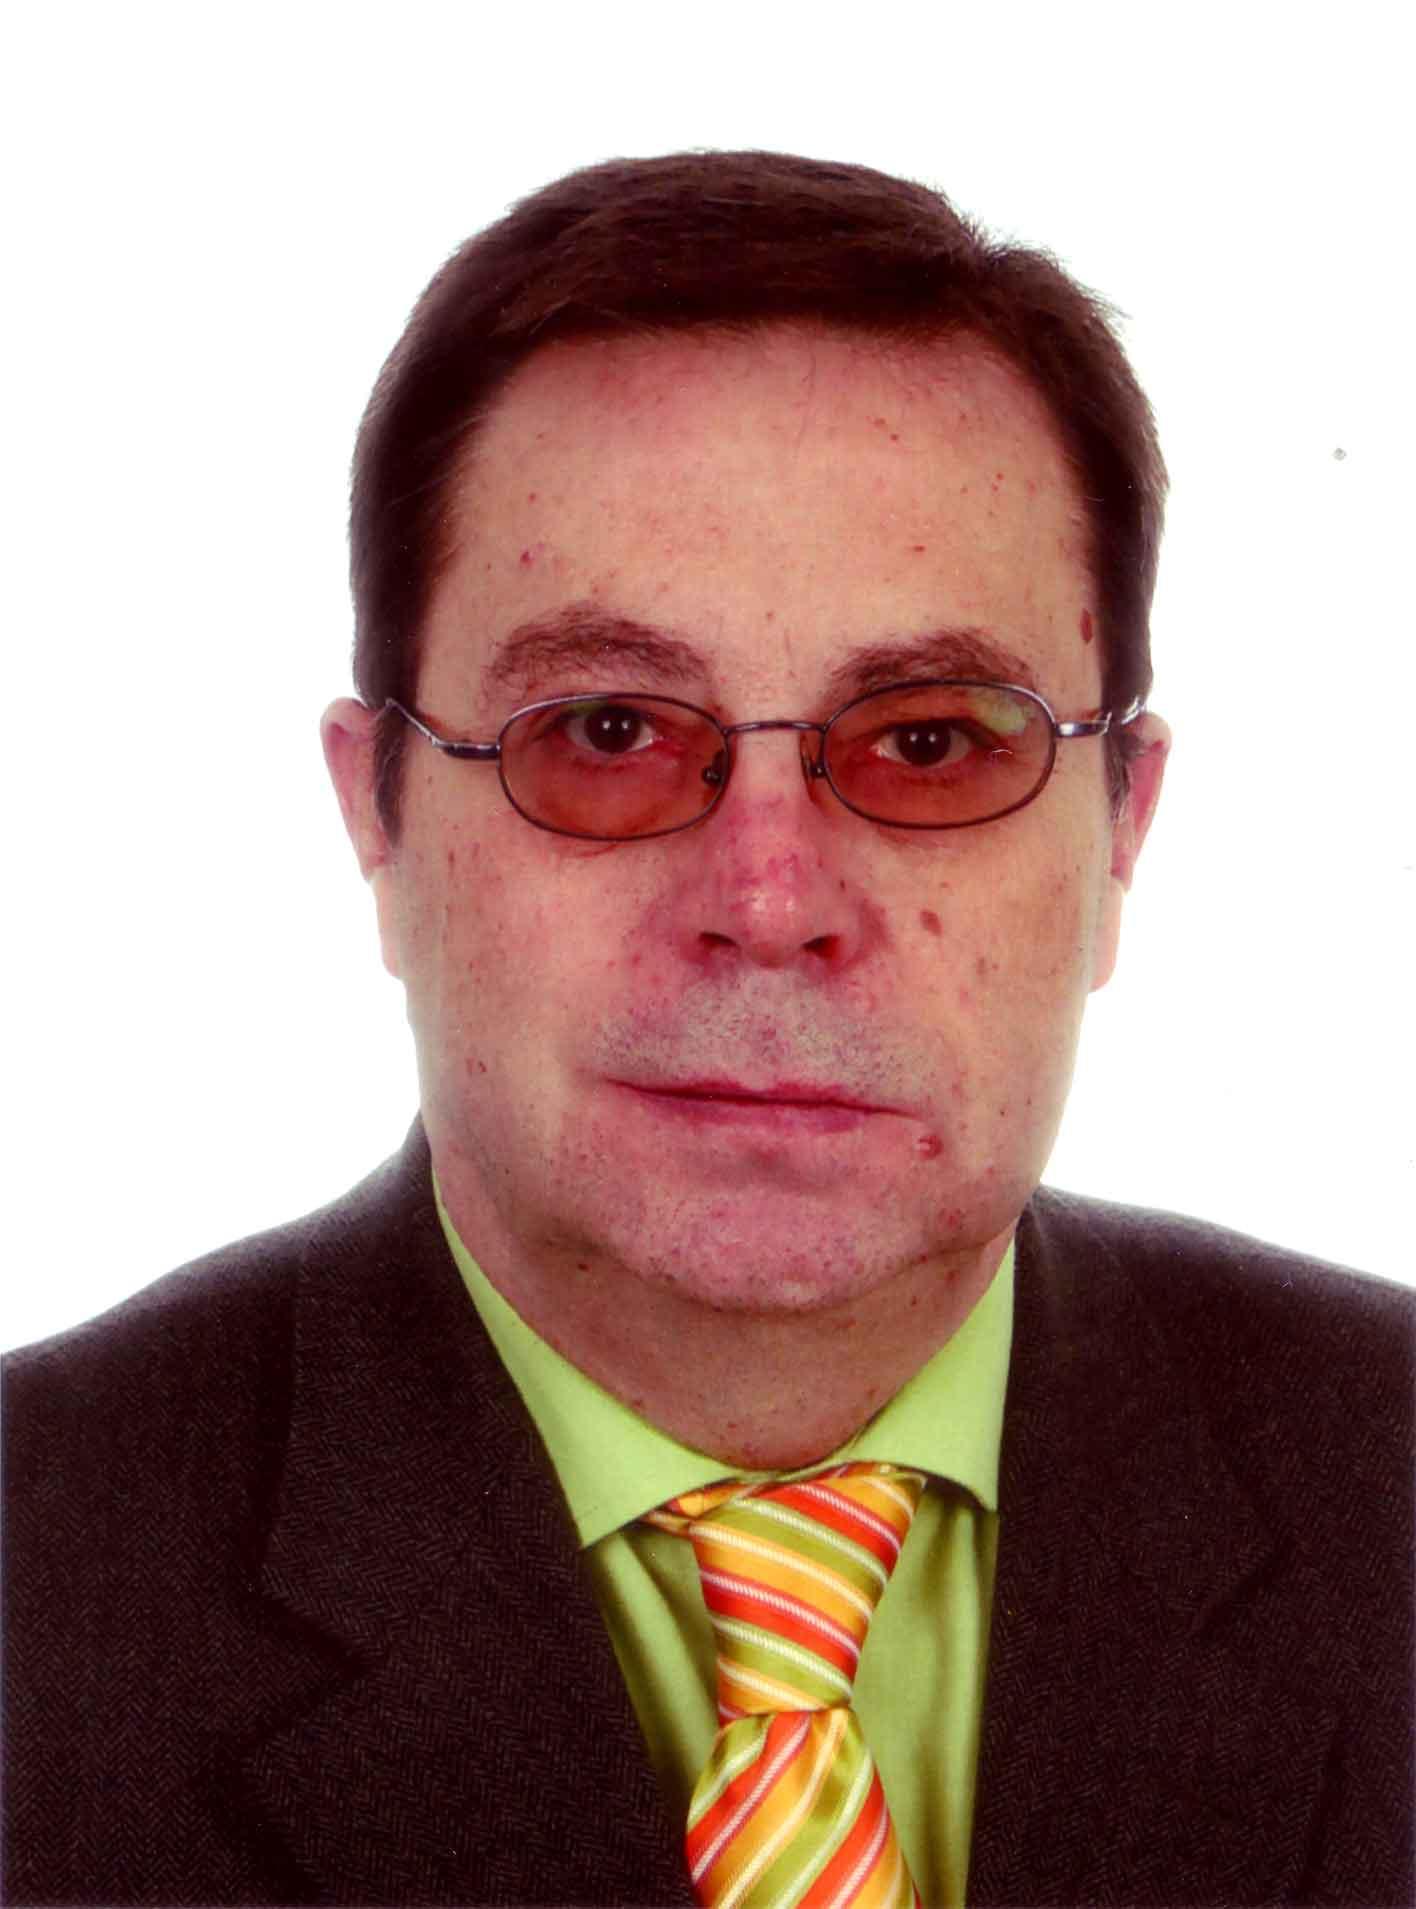 JOSÉ MARÍA ROSALES DE ANGULO